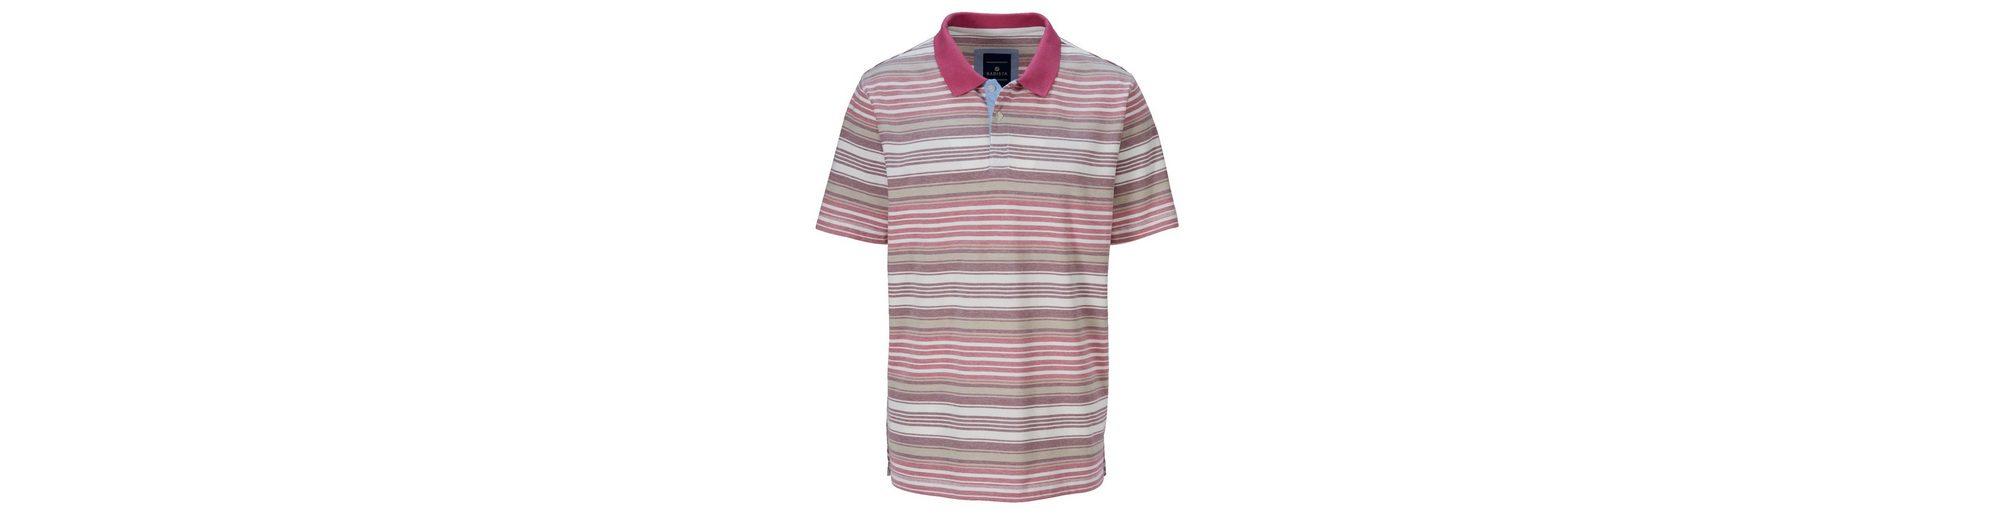 Babista Poloshirt in Piqué-Qualität Steckdose Kostengünstig k2FjCf9C